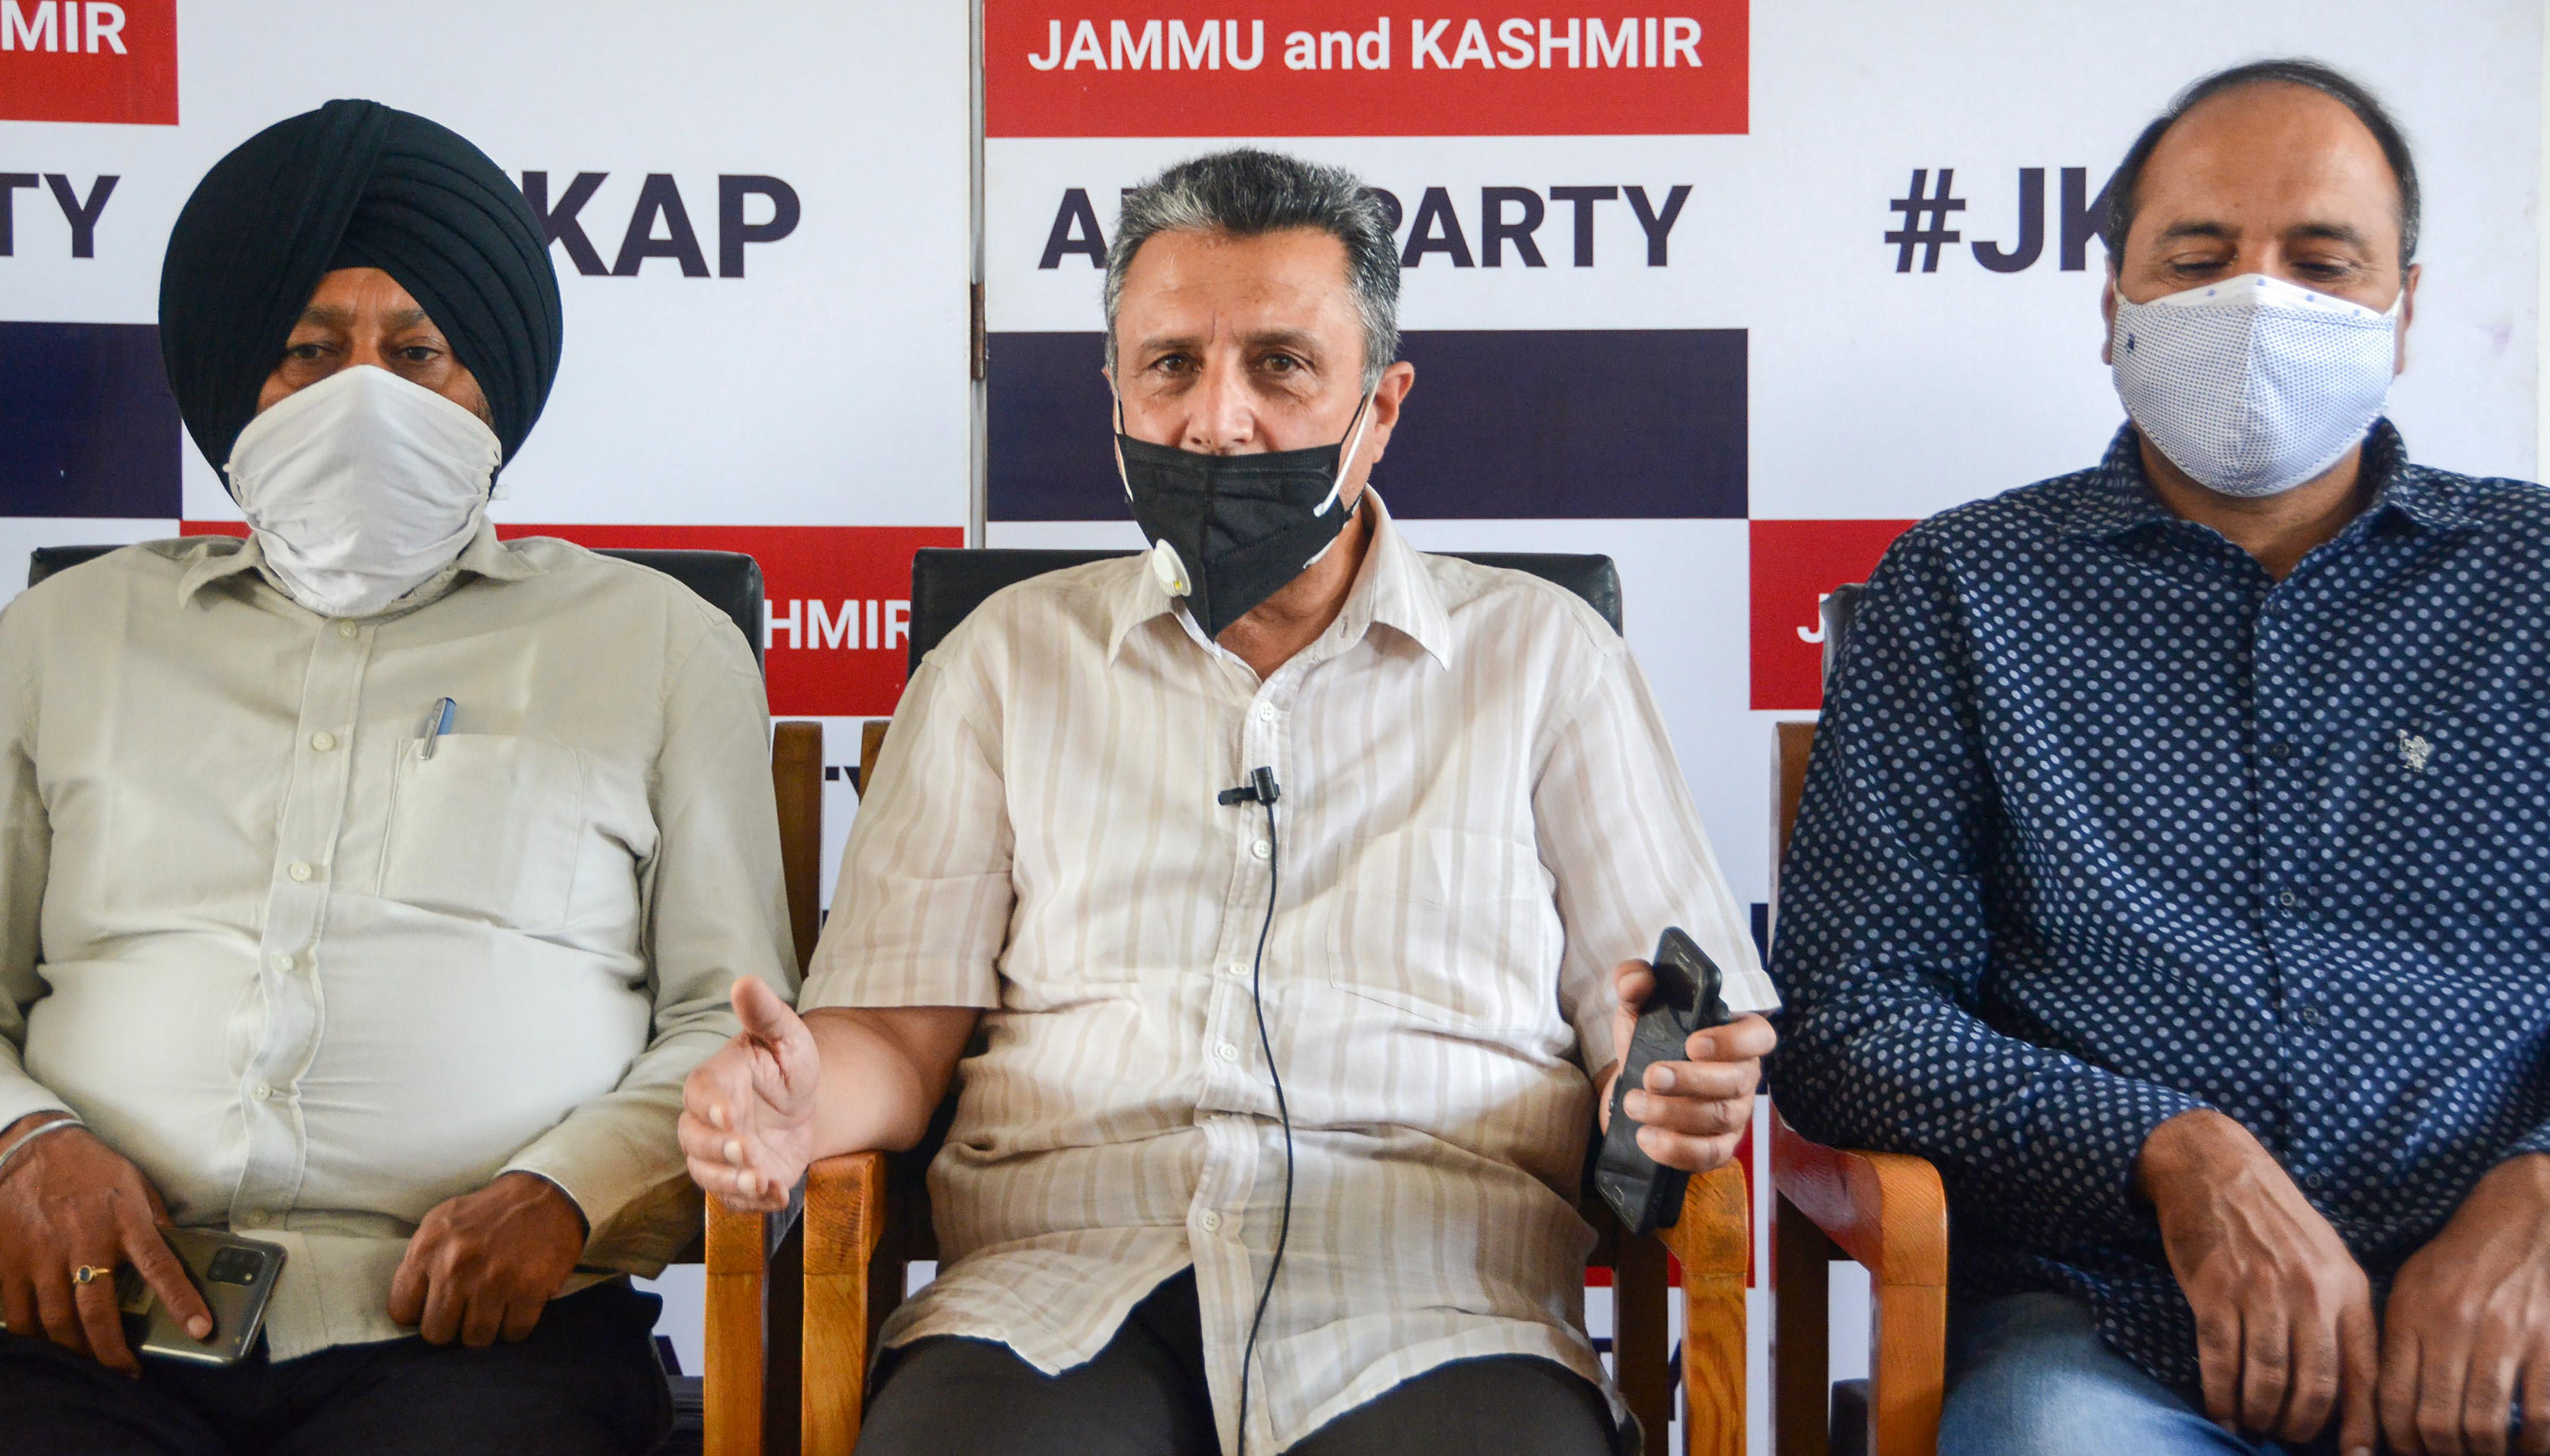 जम्मू-कश्मीर अपनी पार्टी के नेताओं ने प्रेस कॉन्फ्रेंस कर बताया कि वह मोदी-शाह की बैठक में भाग लेने वाले हैं।